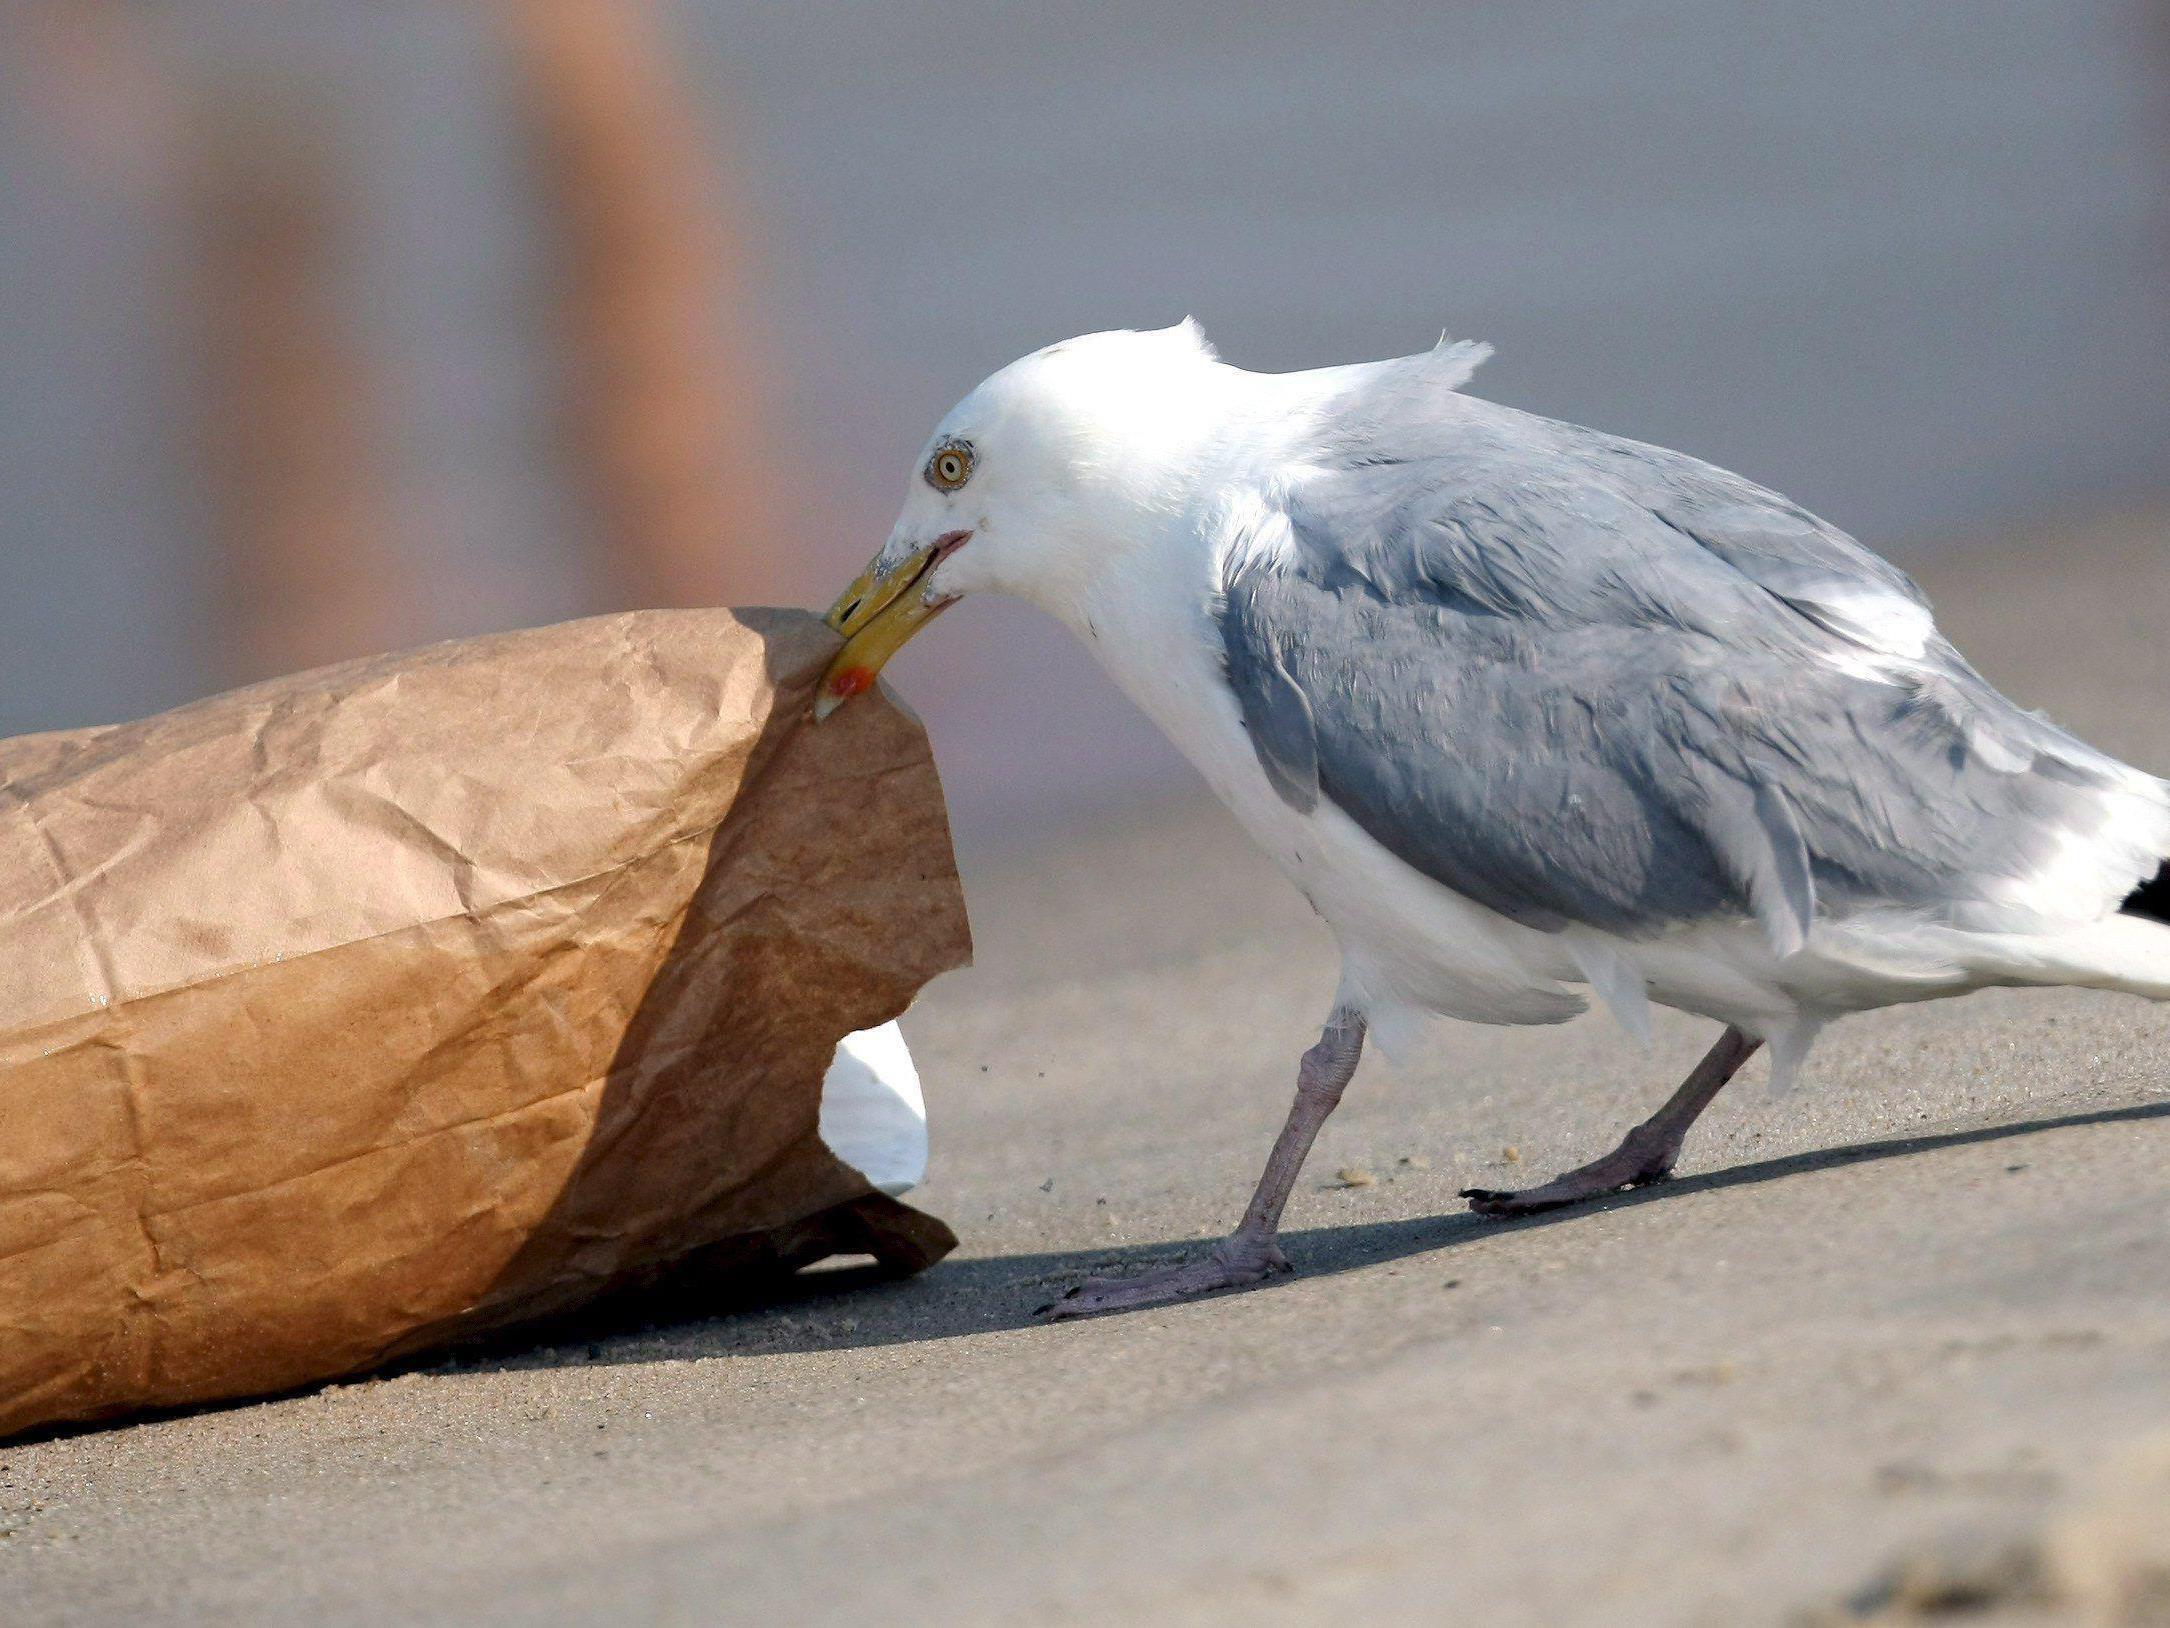 Imposant große Seevögel verbreiten mit ihrer Vorliebe für Fish and Chips und süße Hunde Angst und Schrecken.